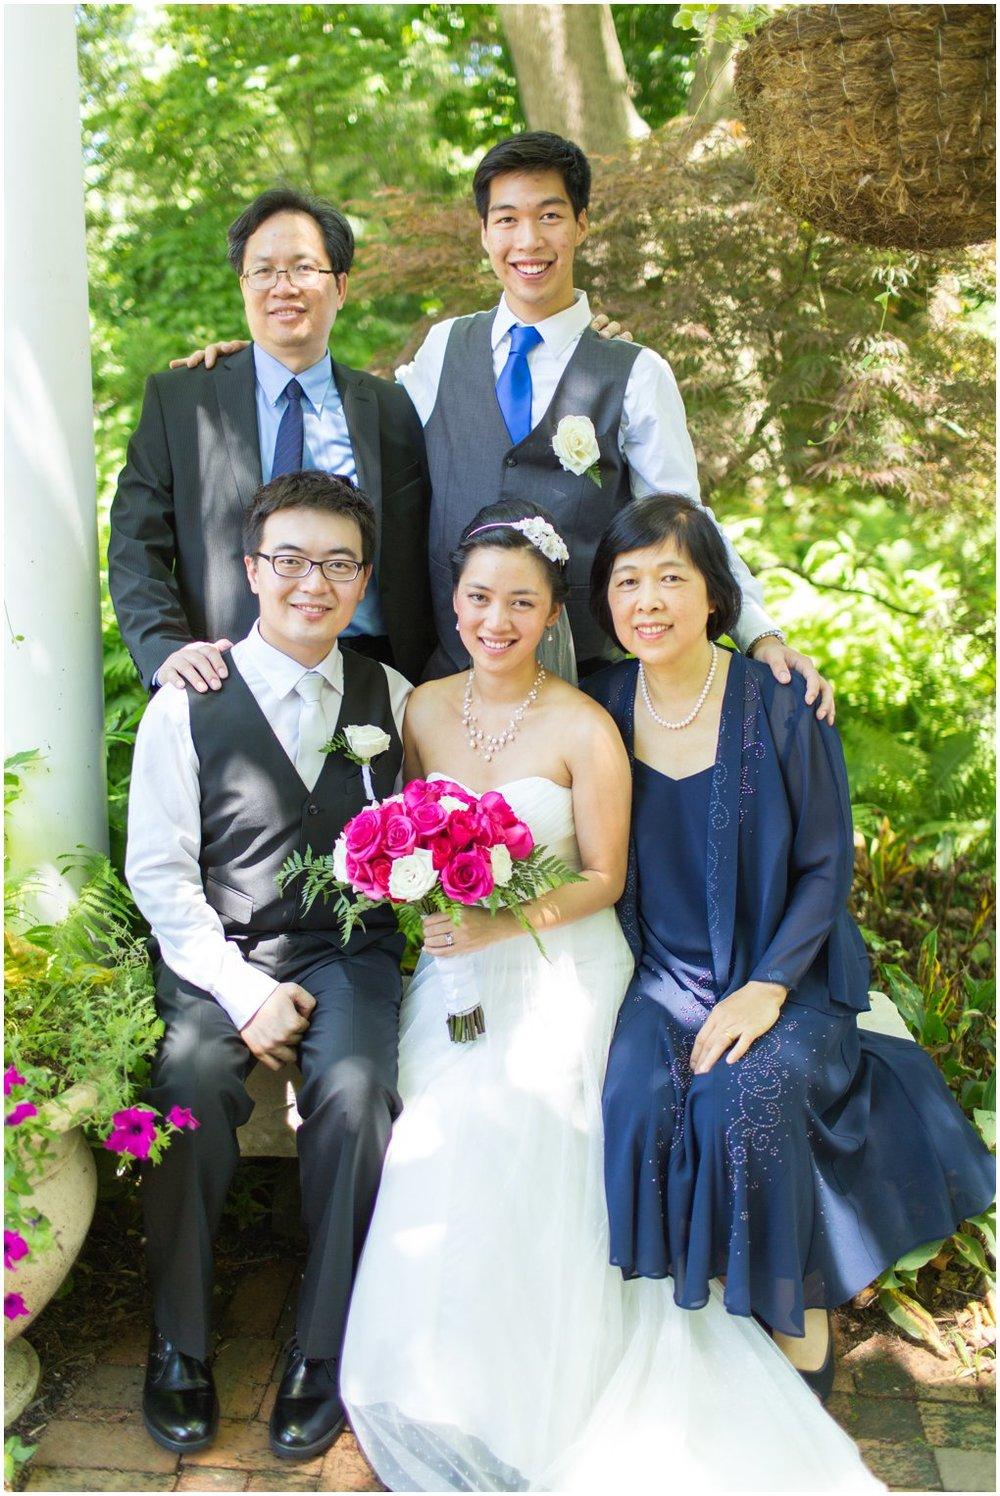 huang-wedding-2013-801.jpg